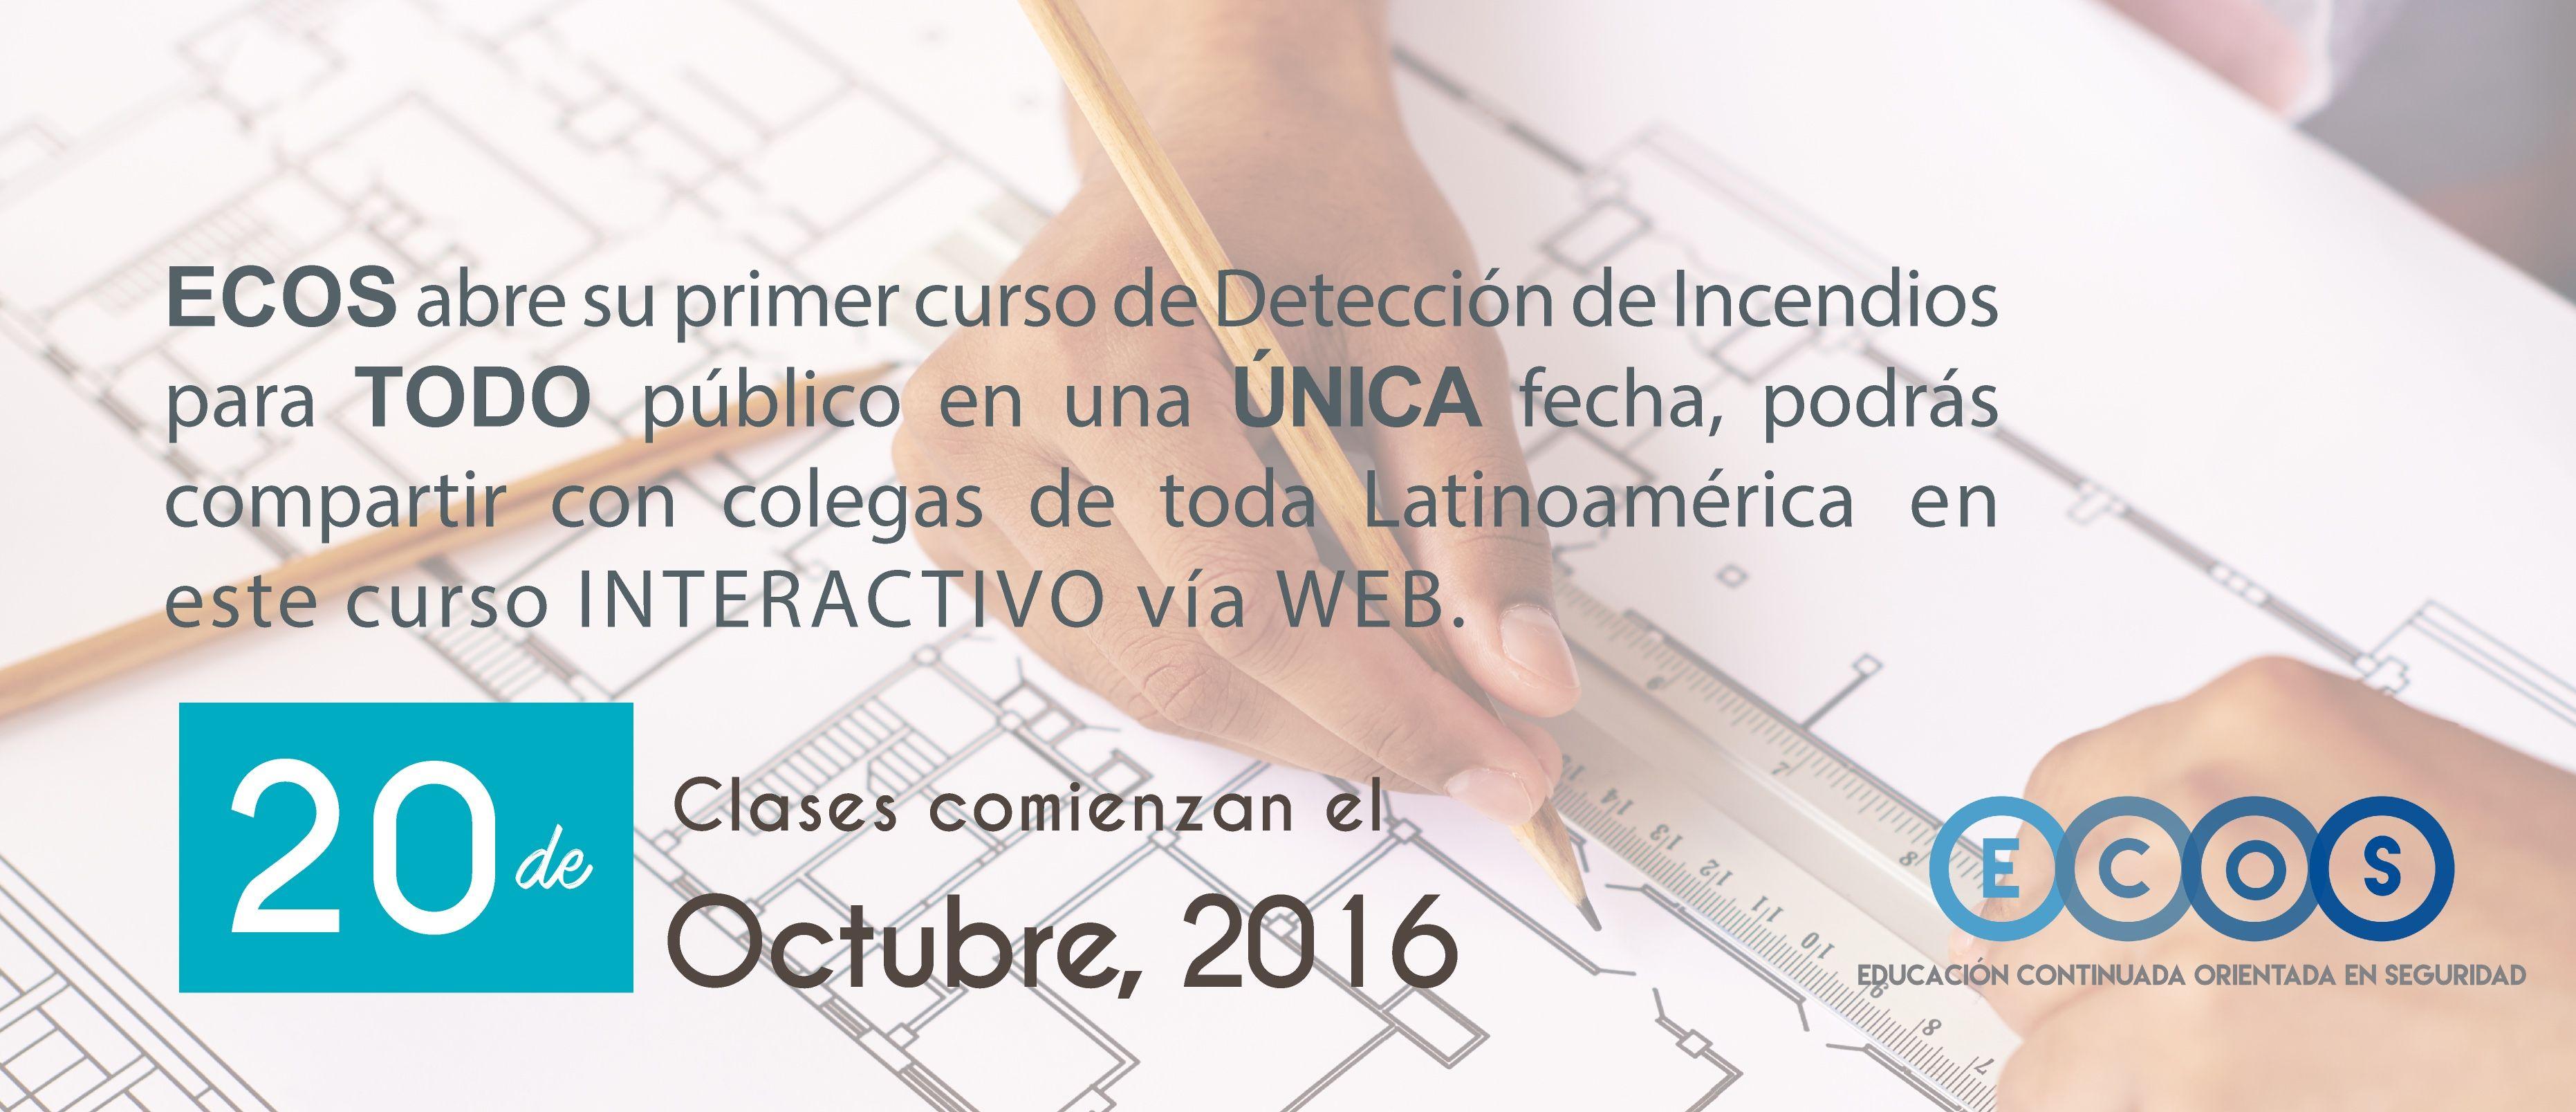 ECOS-ISTC-deteccion-incendios-octubre